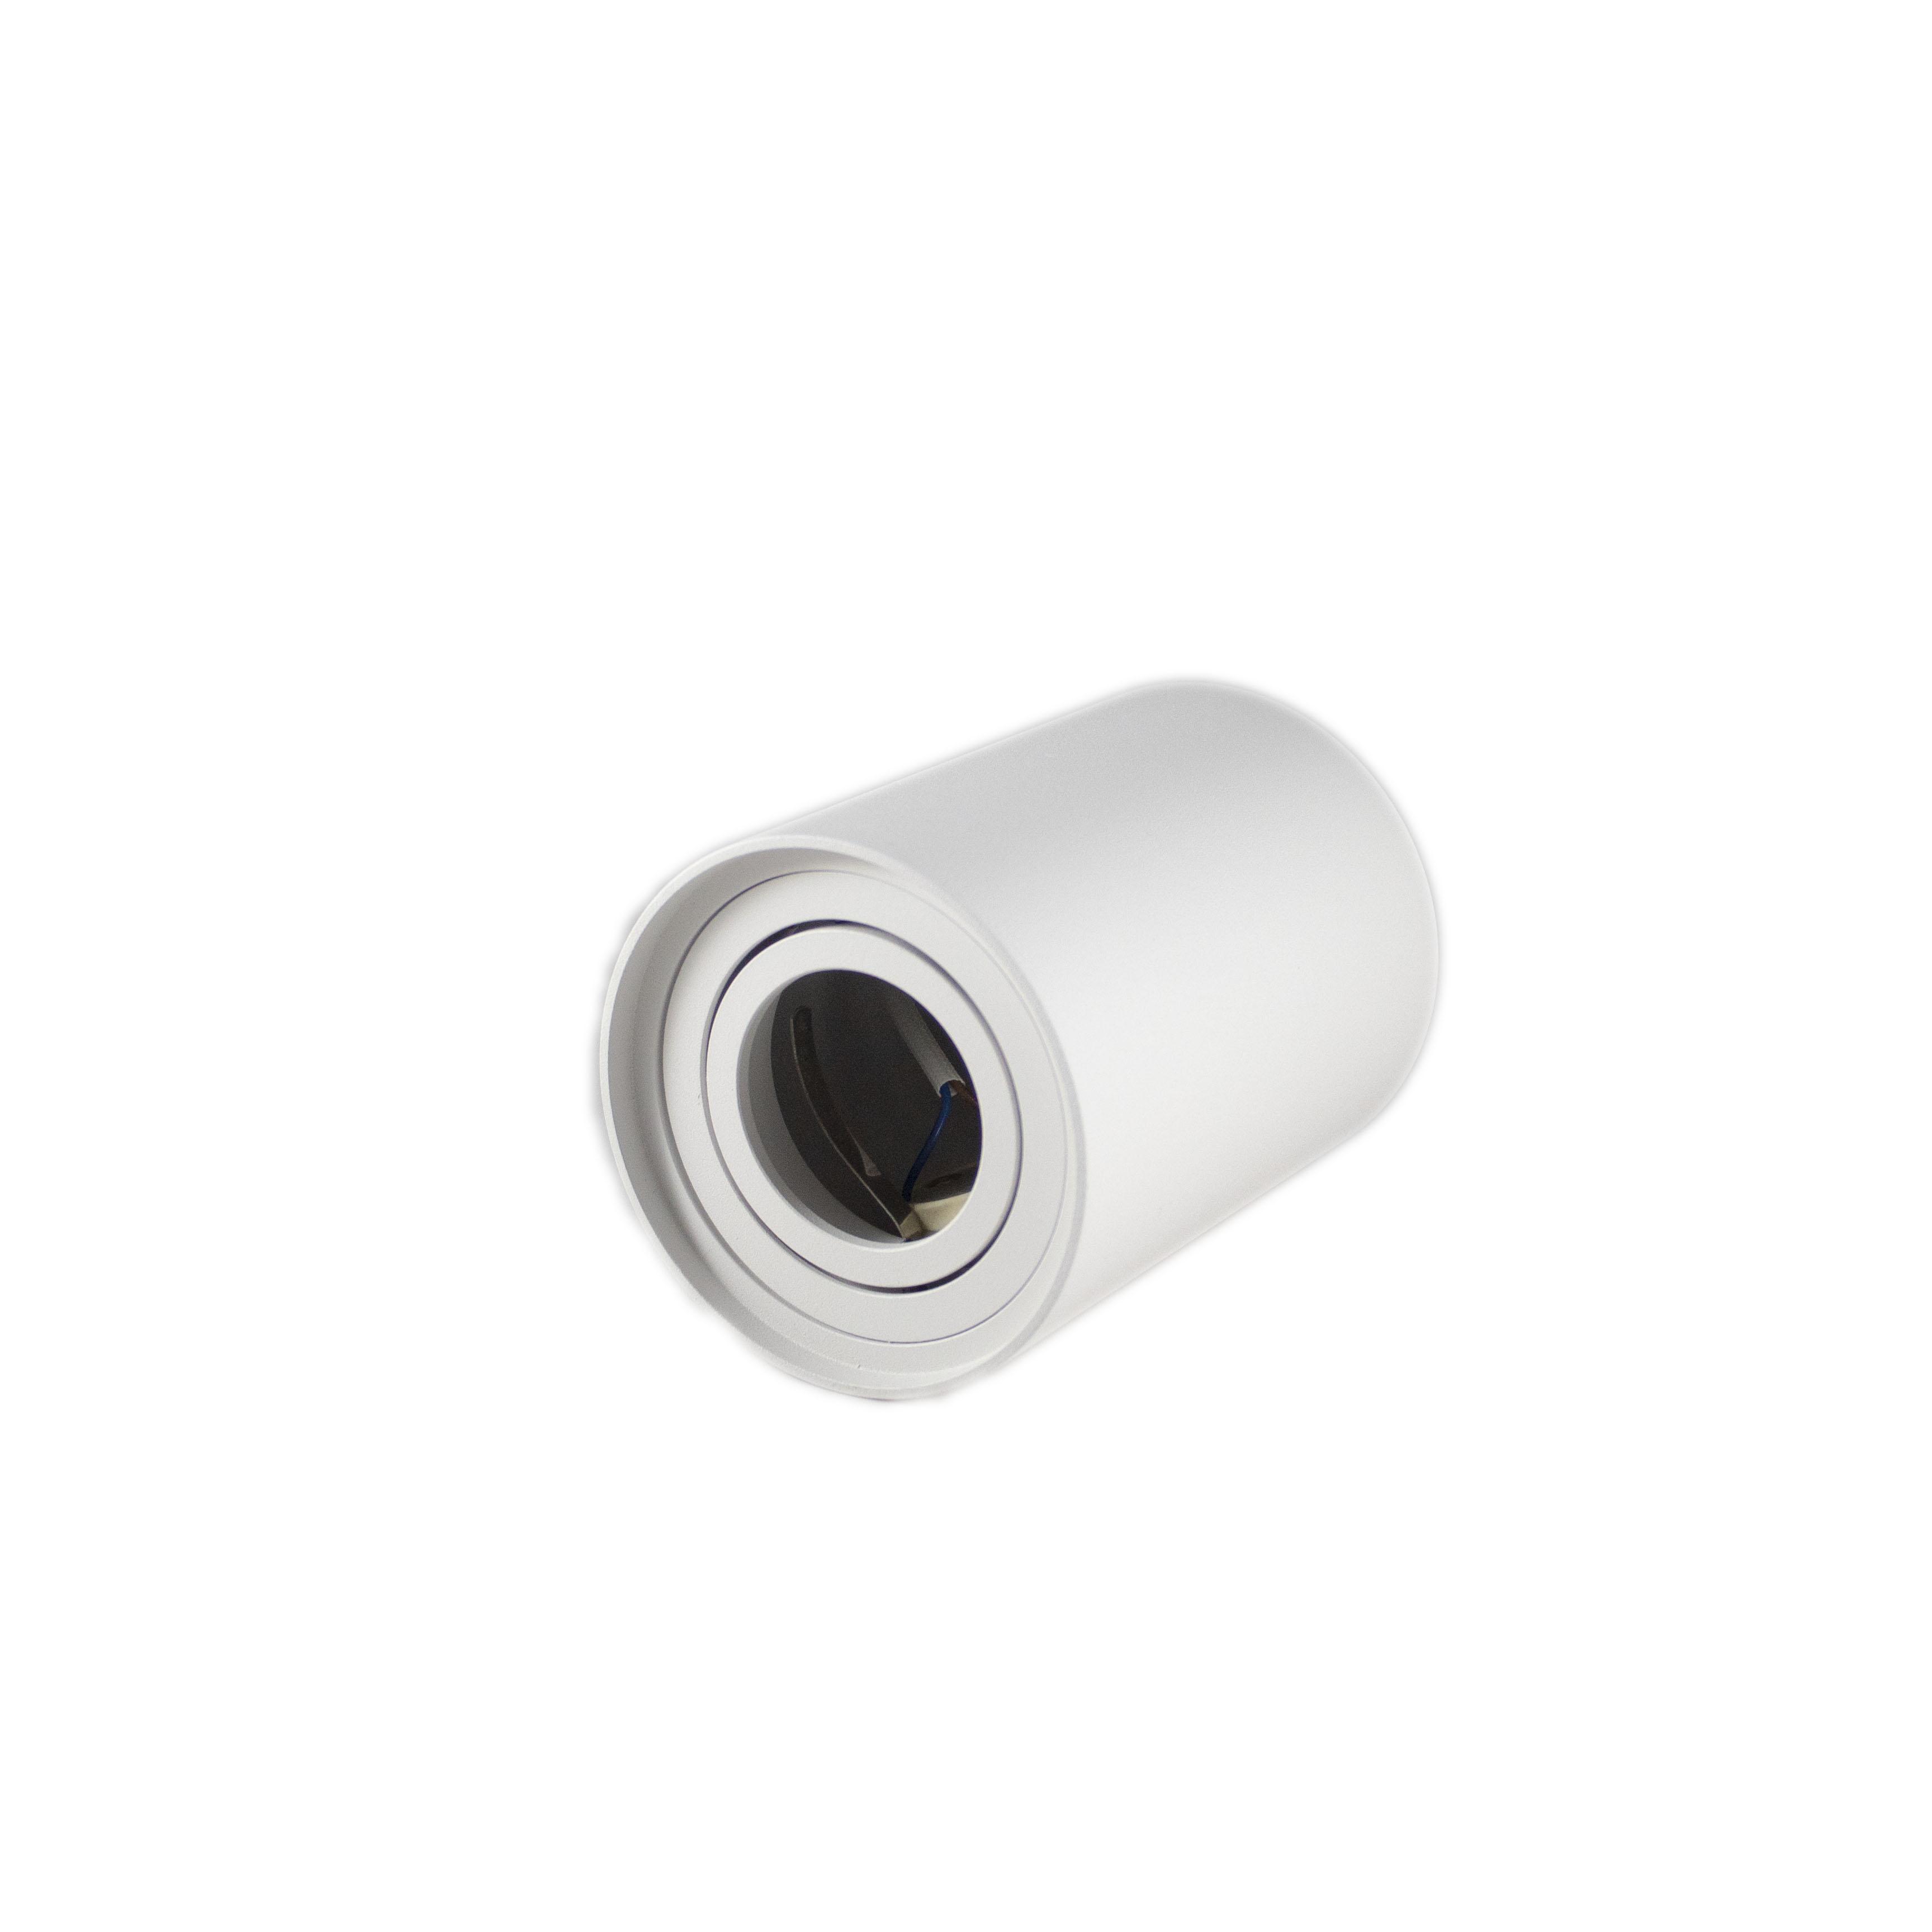 Opbouw spot armatuur wit rond kantelbaar GU10 fitting - liggend